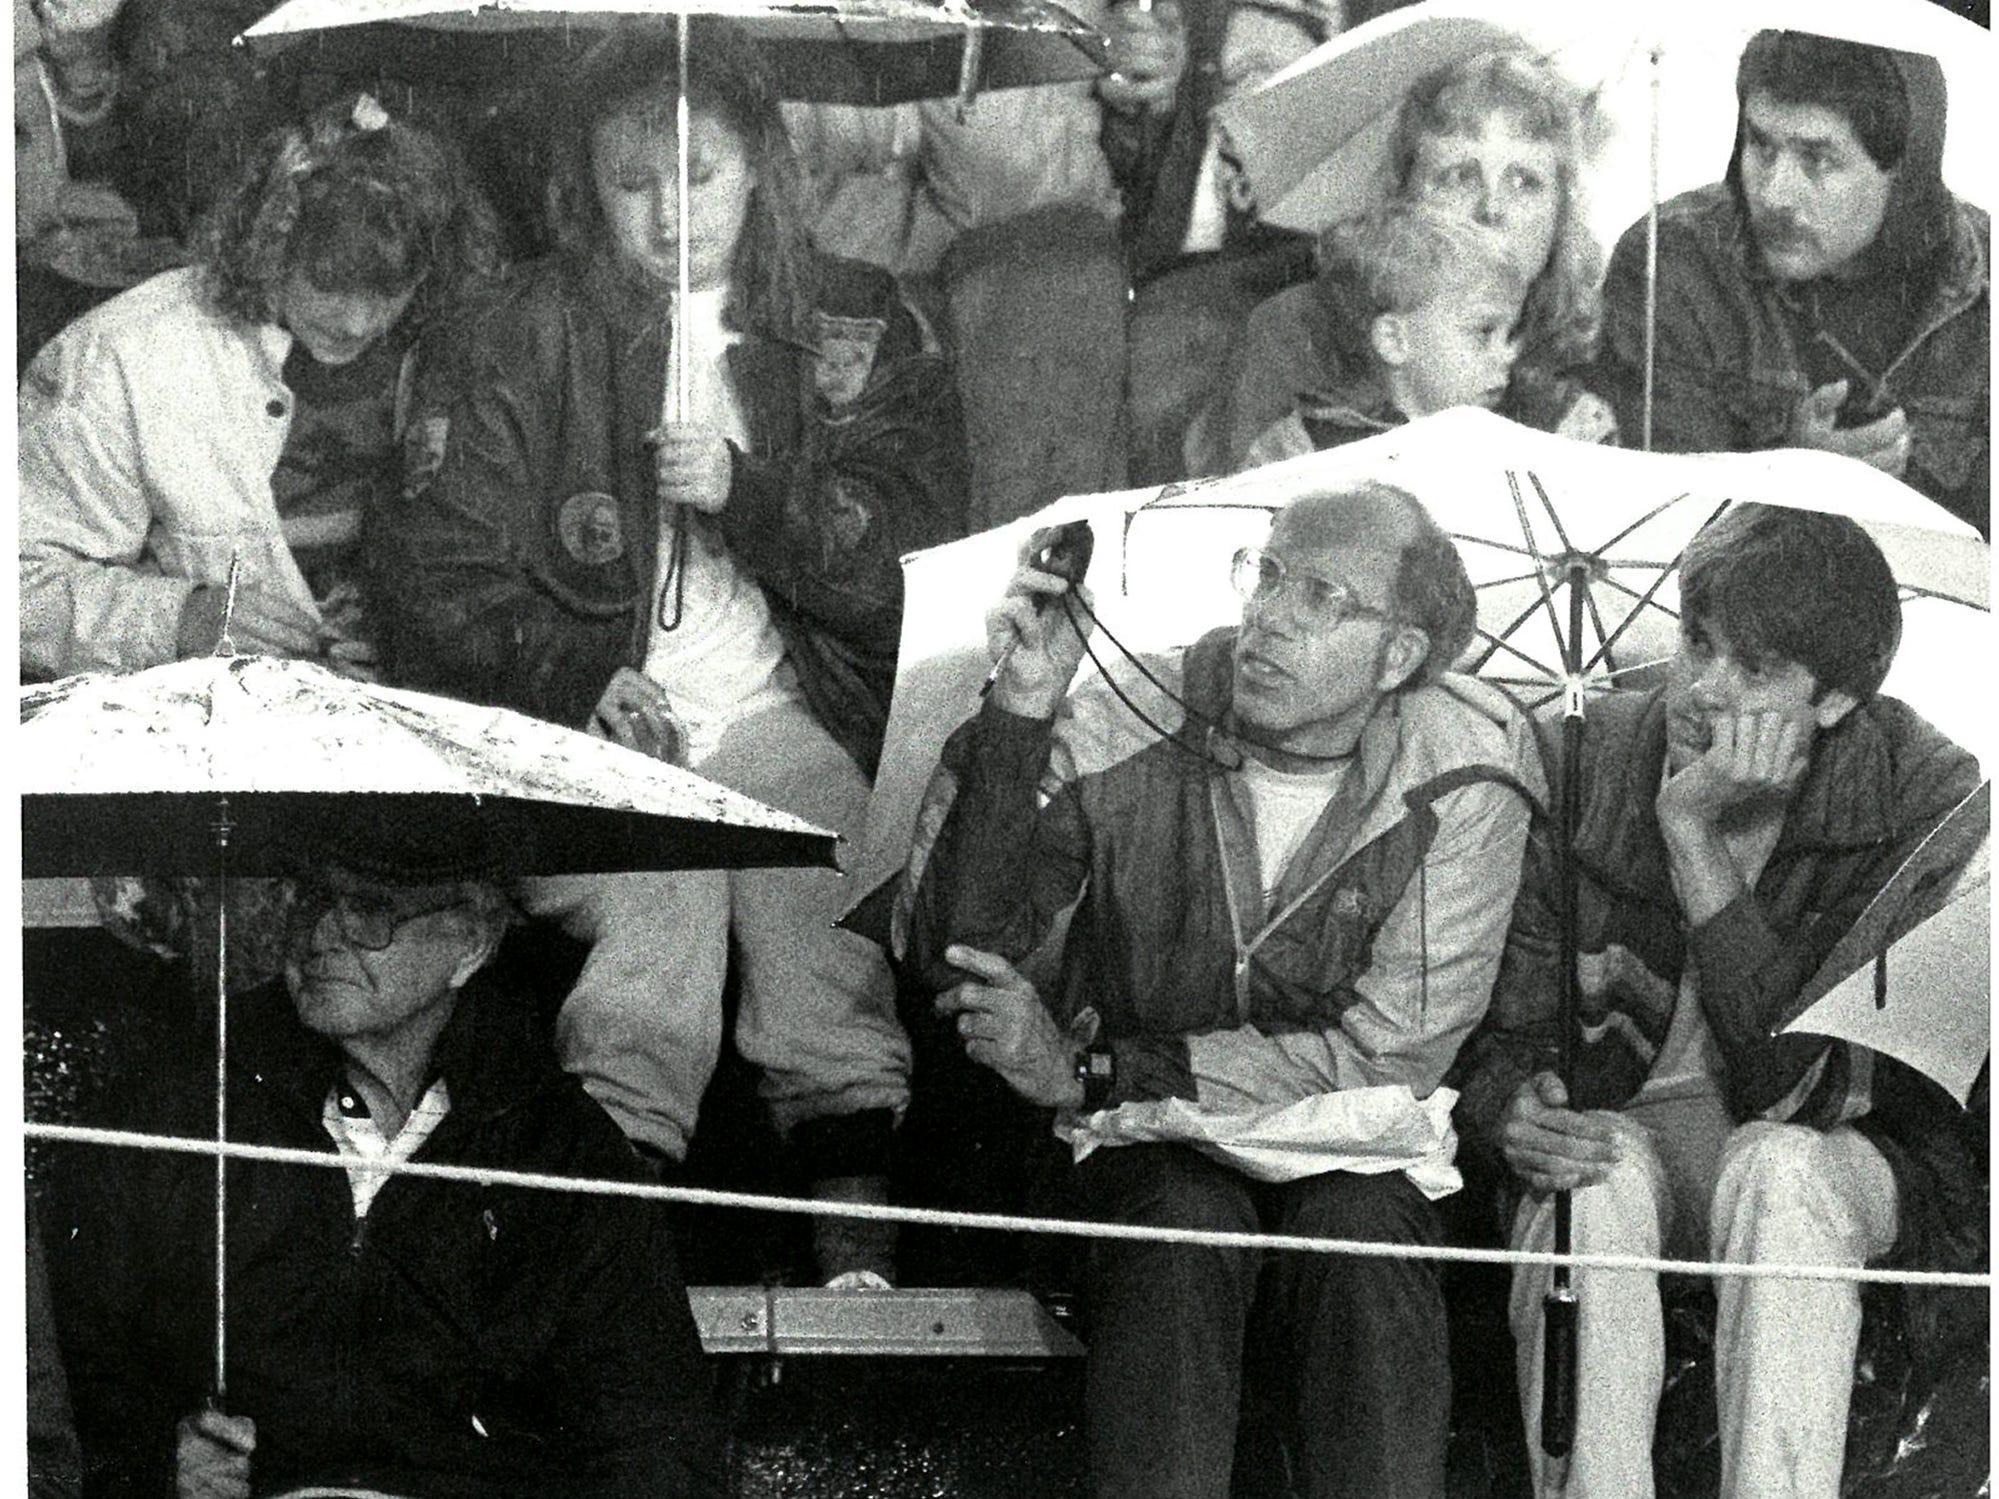 1988Rainy Crowd